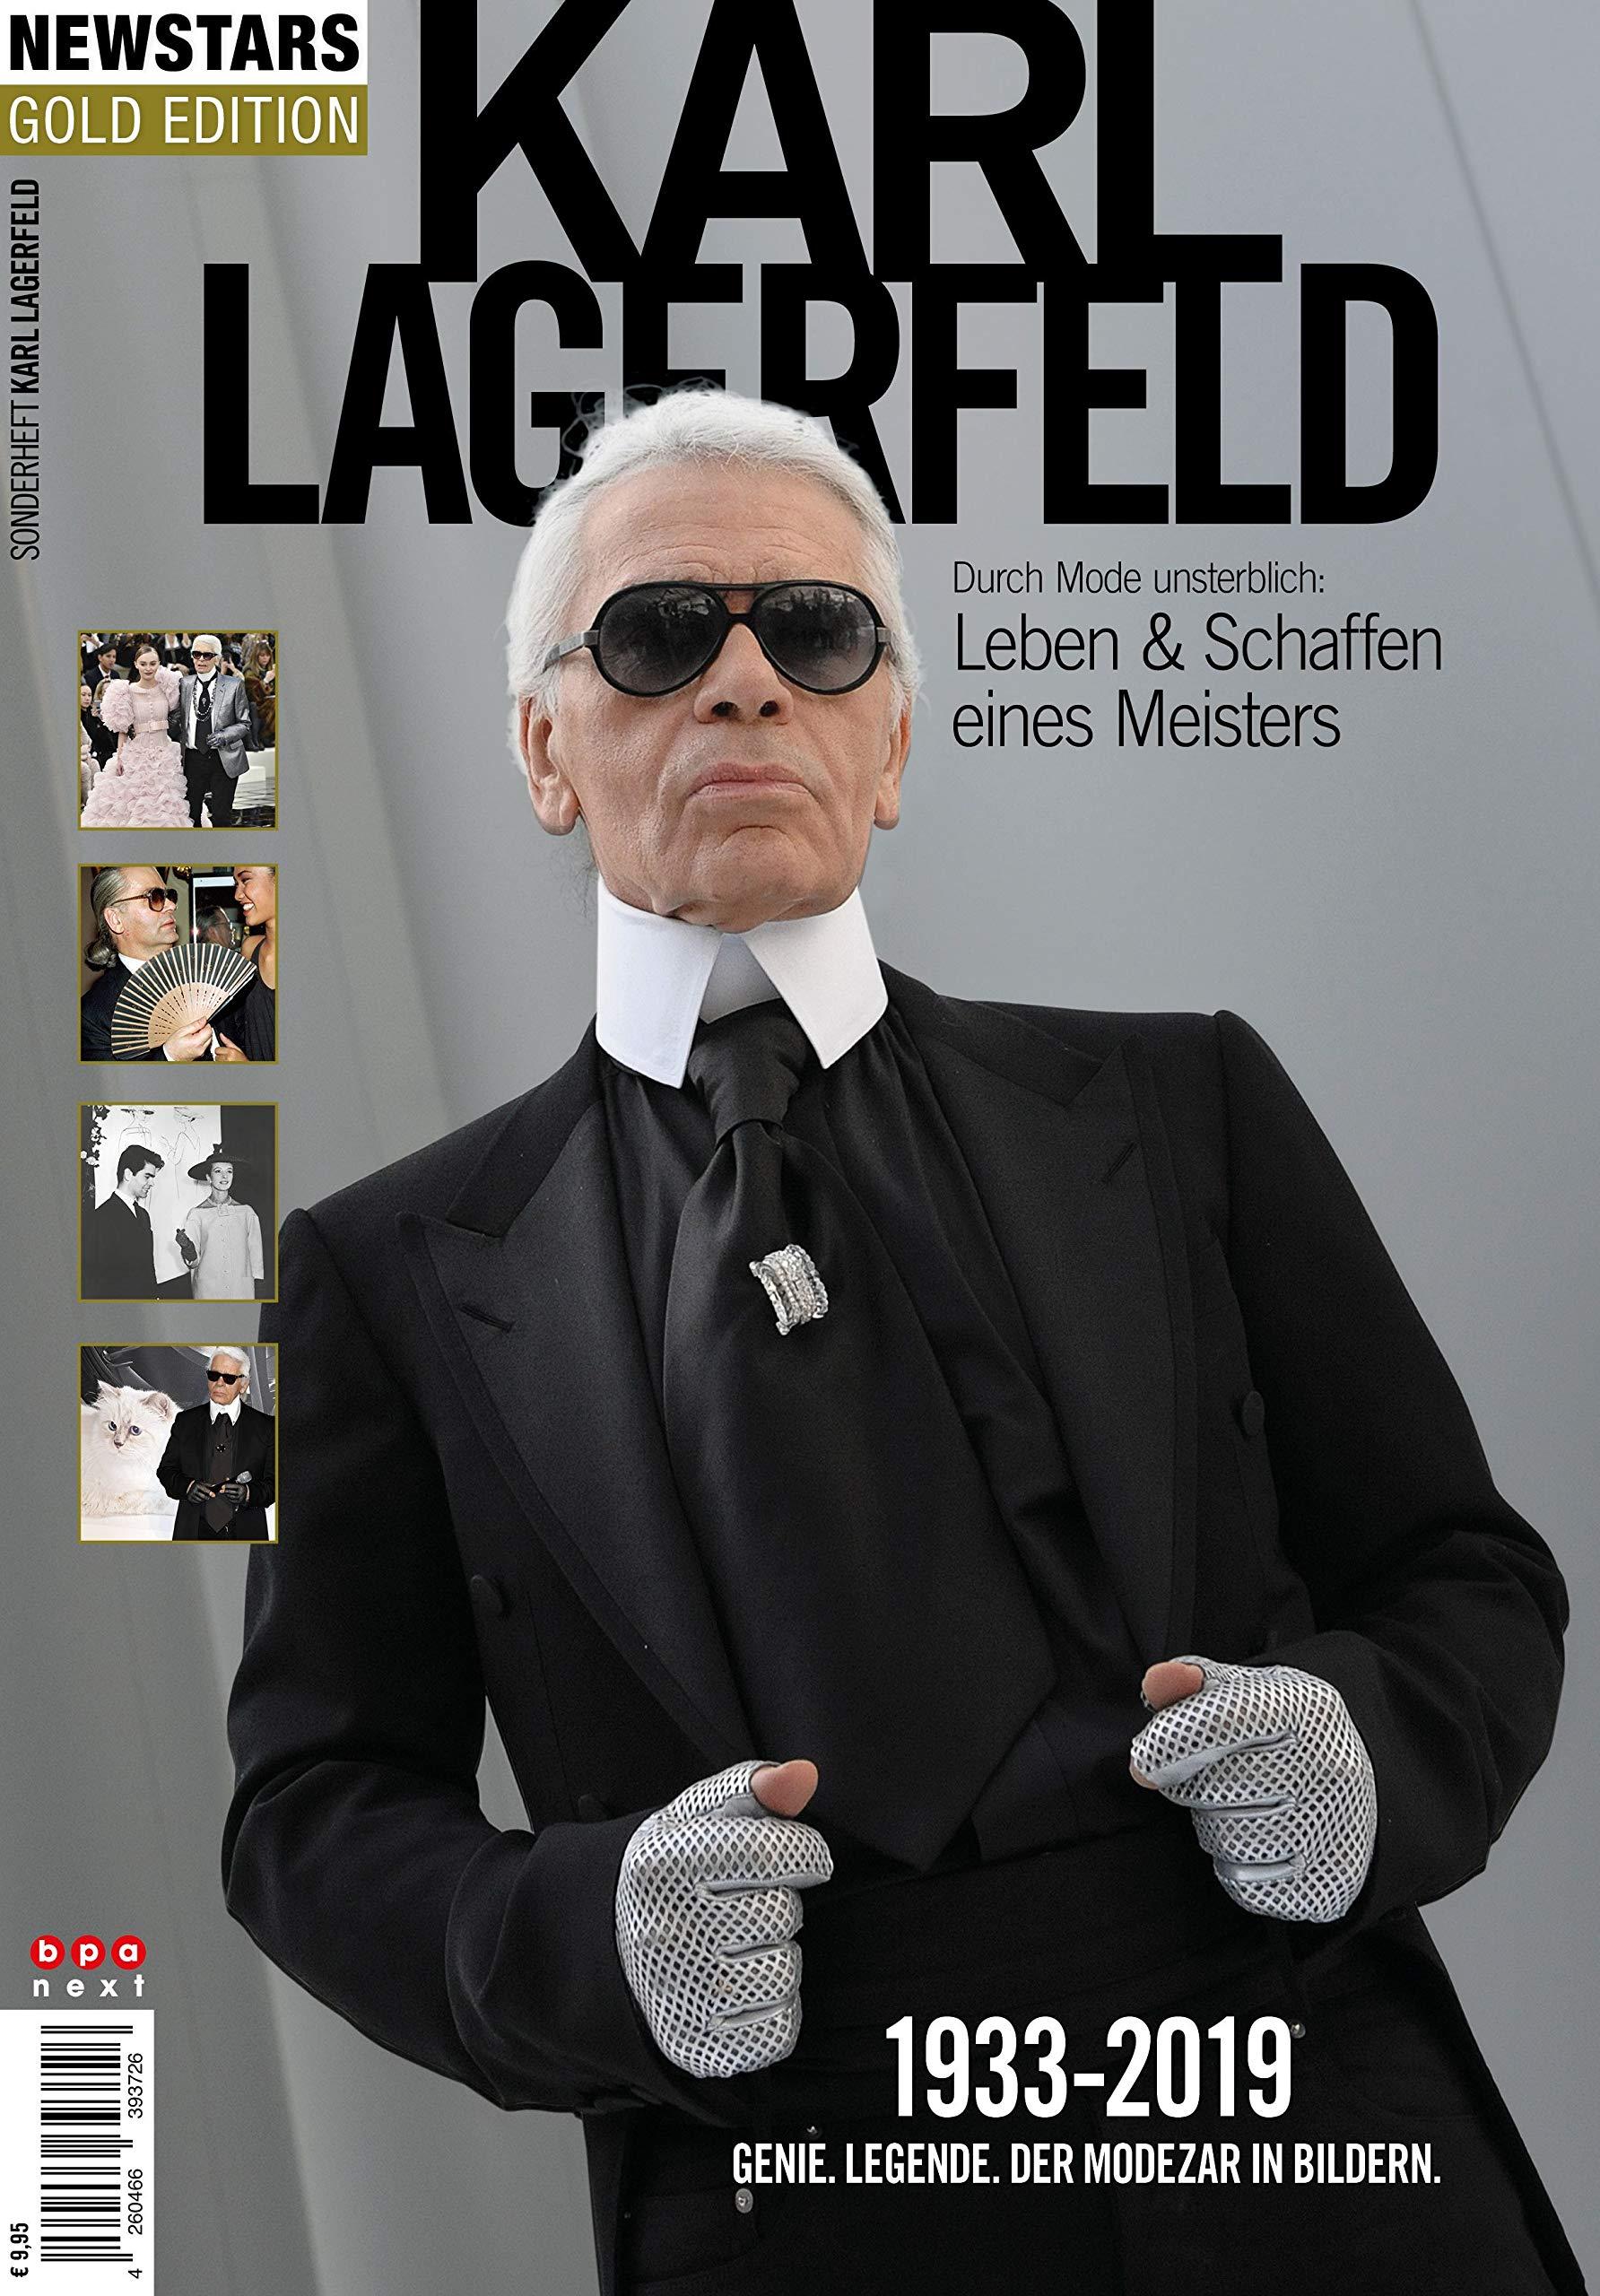 Karl Lagerfeld - Durch Mode unsterblich: Leben & Schaffen eines Meisters